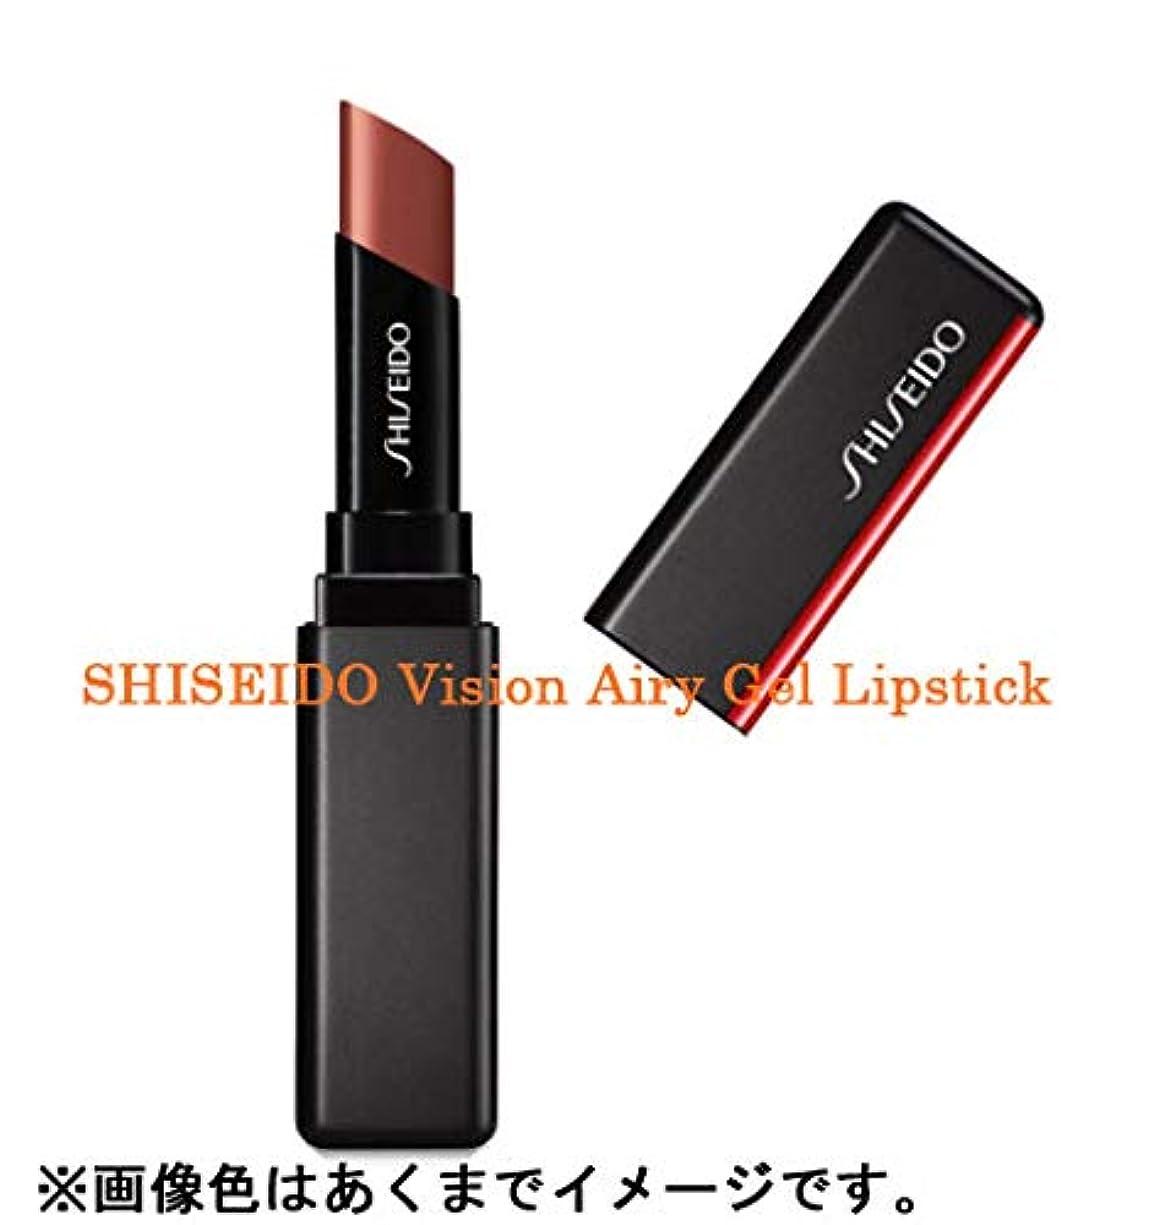 民間レビュアーひばりSHISEIDO Makeup(資生堂 メーキャップ) SHISEIDO(資生堂) SHISEIDO ヴィジョナリー ジェルリップスティック 1.6g (214)